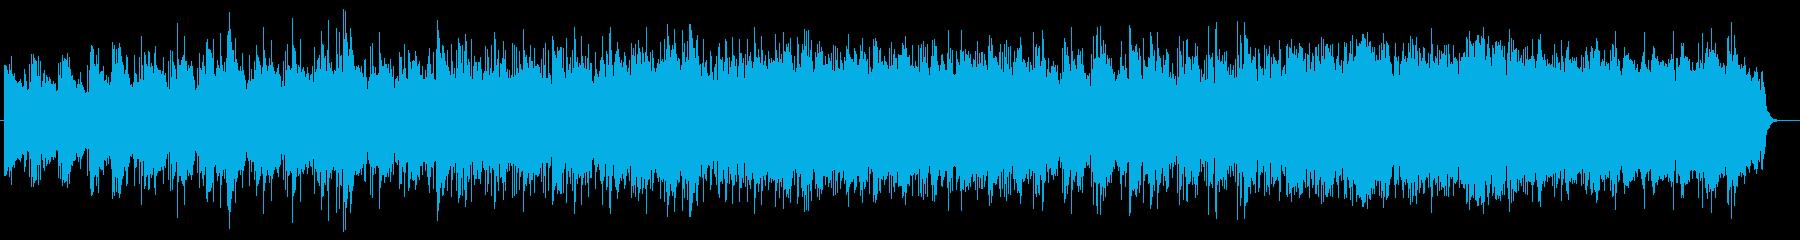 きれいで静かなシンセサイザーのポップスの再生済みの波形